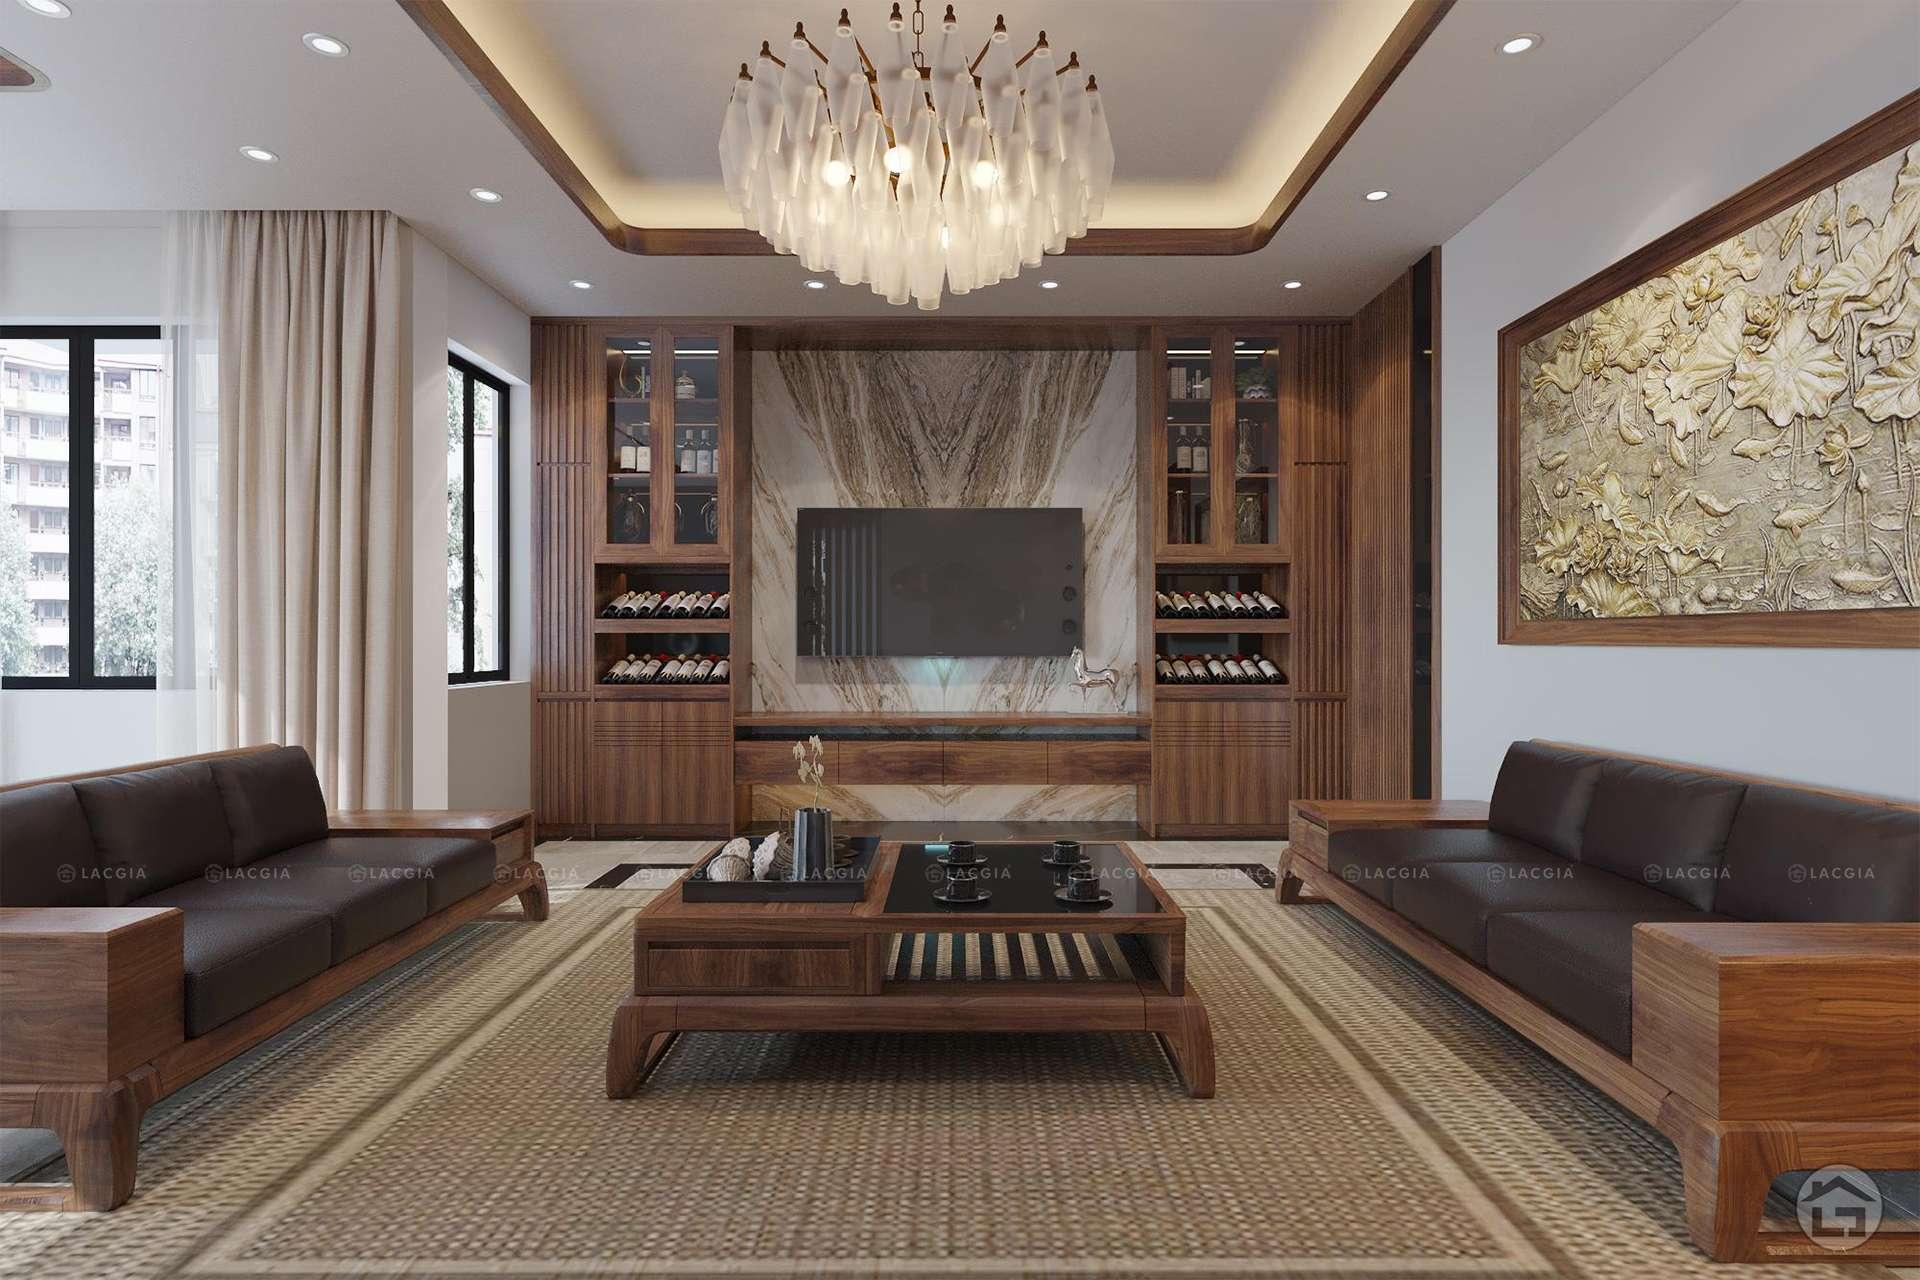 Mẫu thiết kế nội thất phòng khách tại Bắc Giang